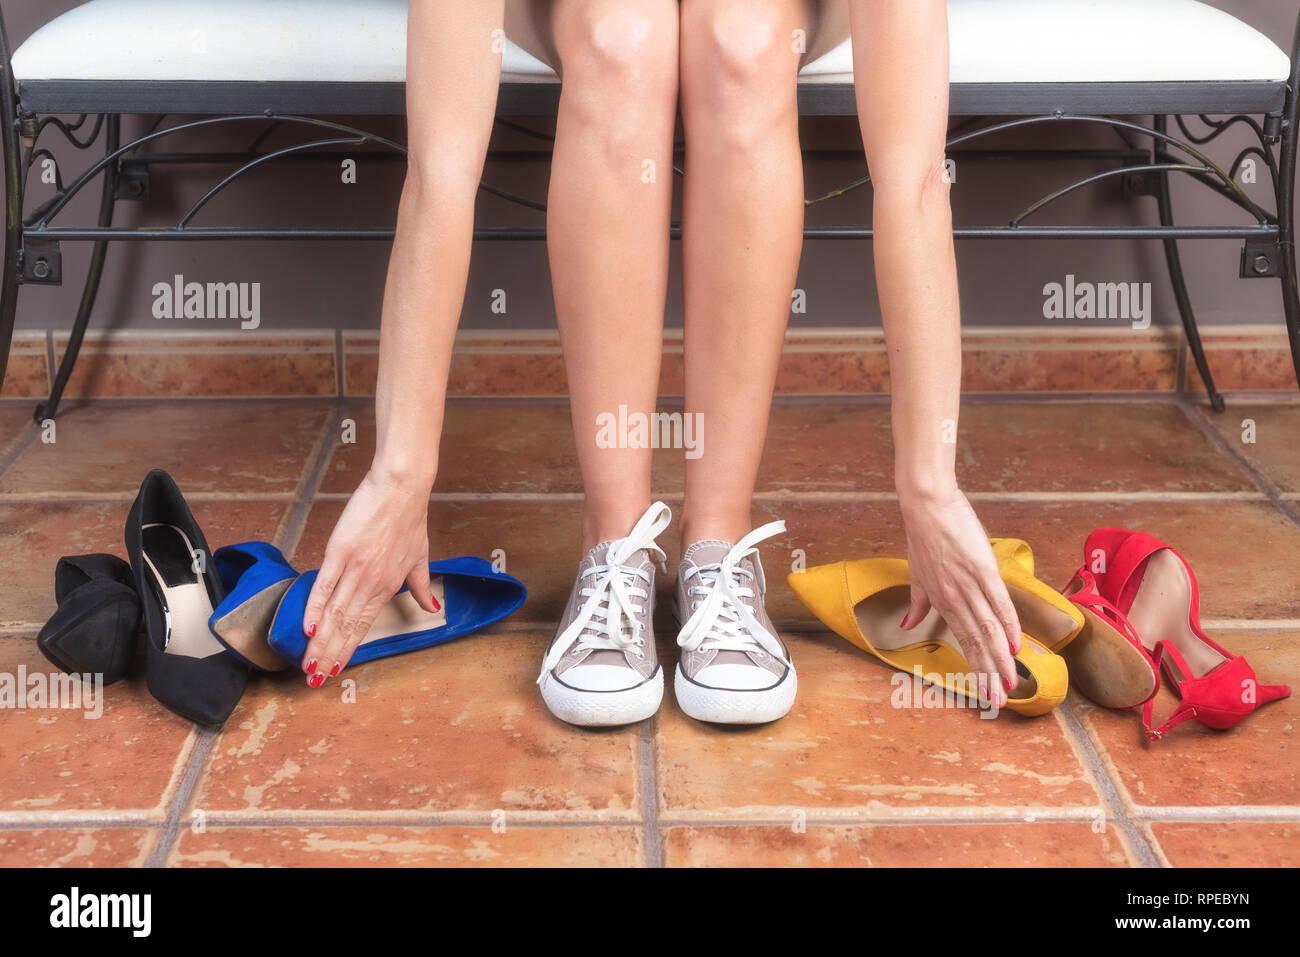 Femme avec perfect slim jambes, choisissant plutôt de confortables chaussures à talons hauts chaussures inconfortables . Photo Stock